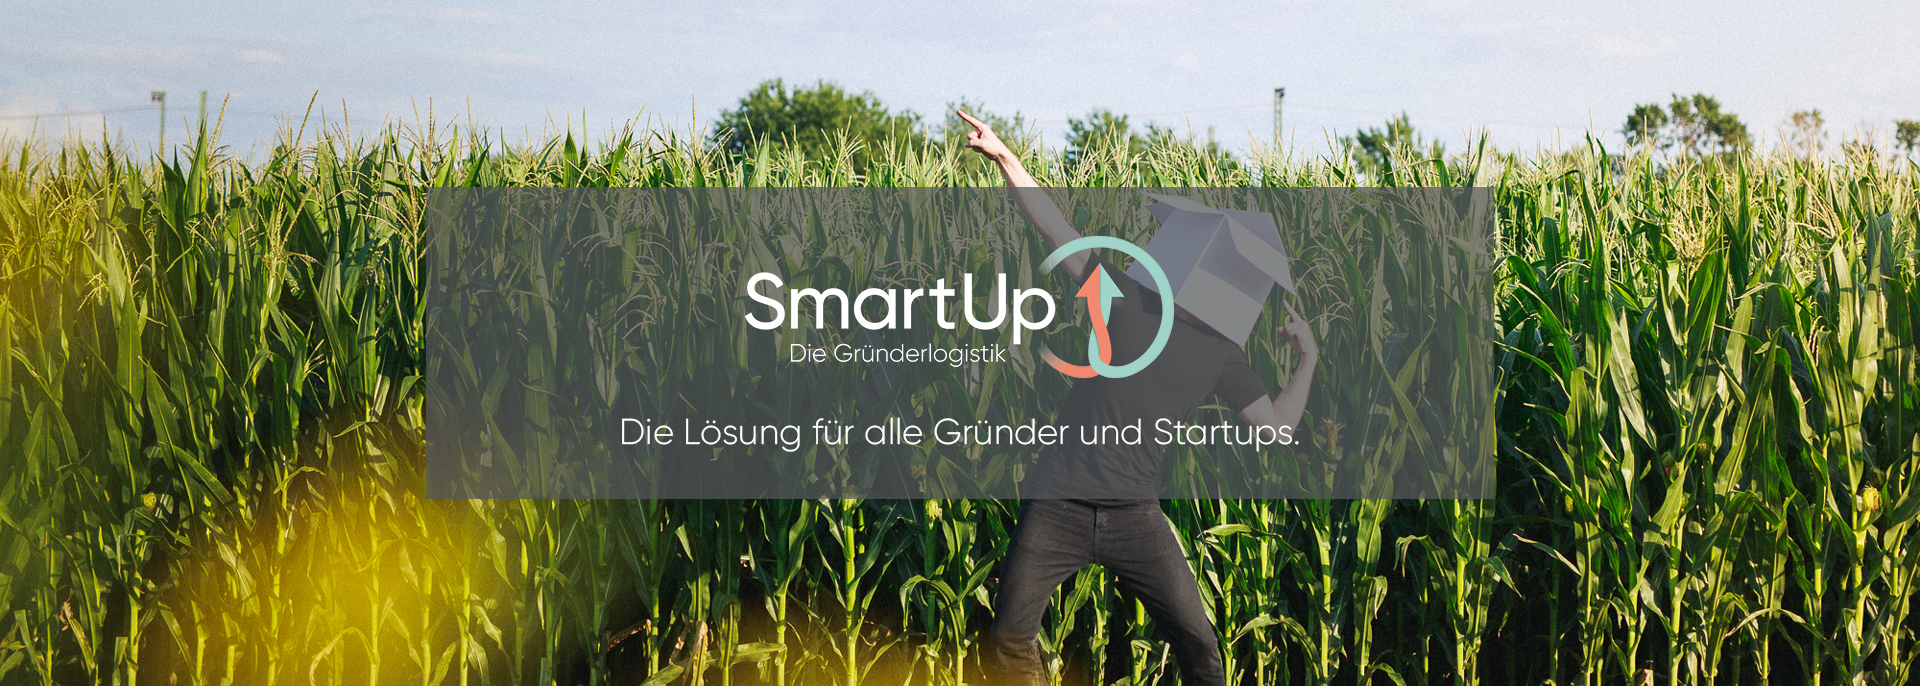 SmartUp - eine Marke von Deventer für Gründer